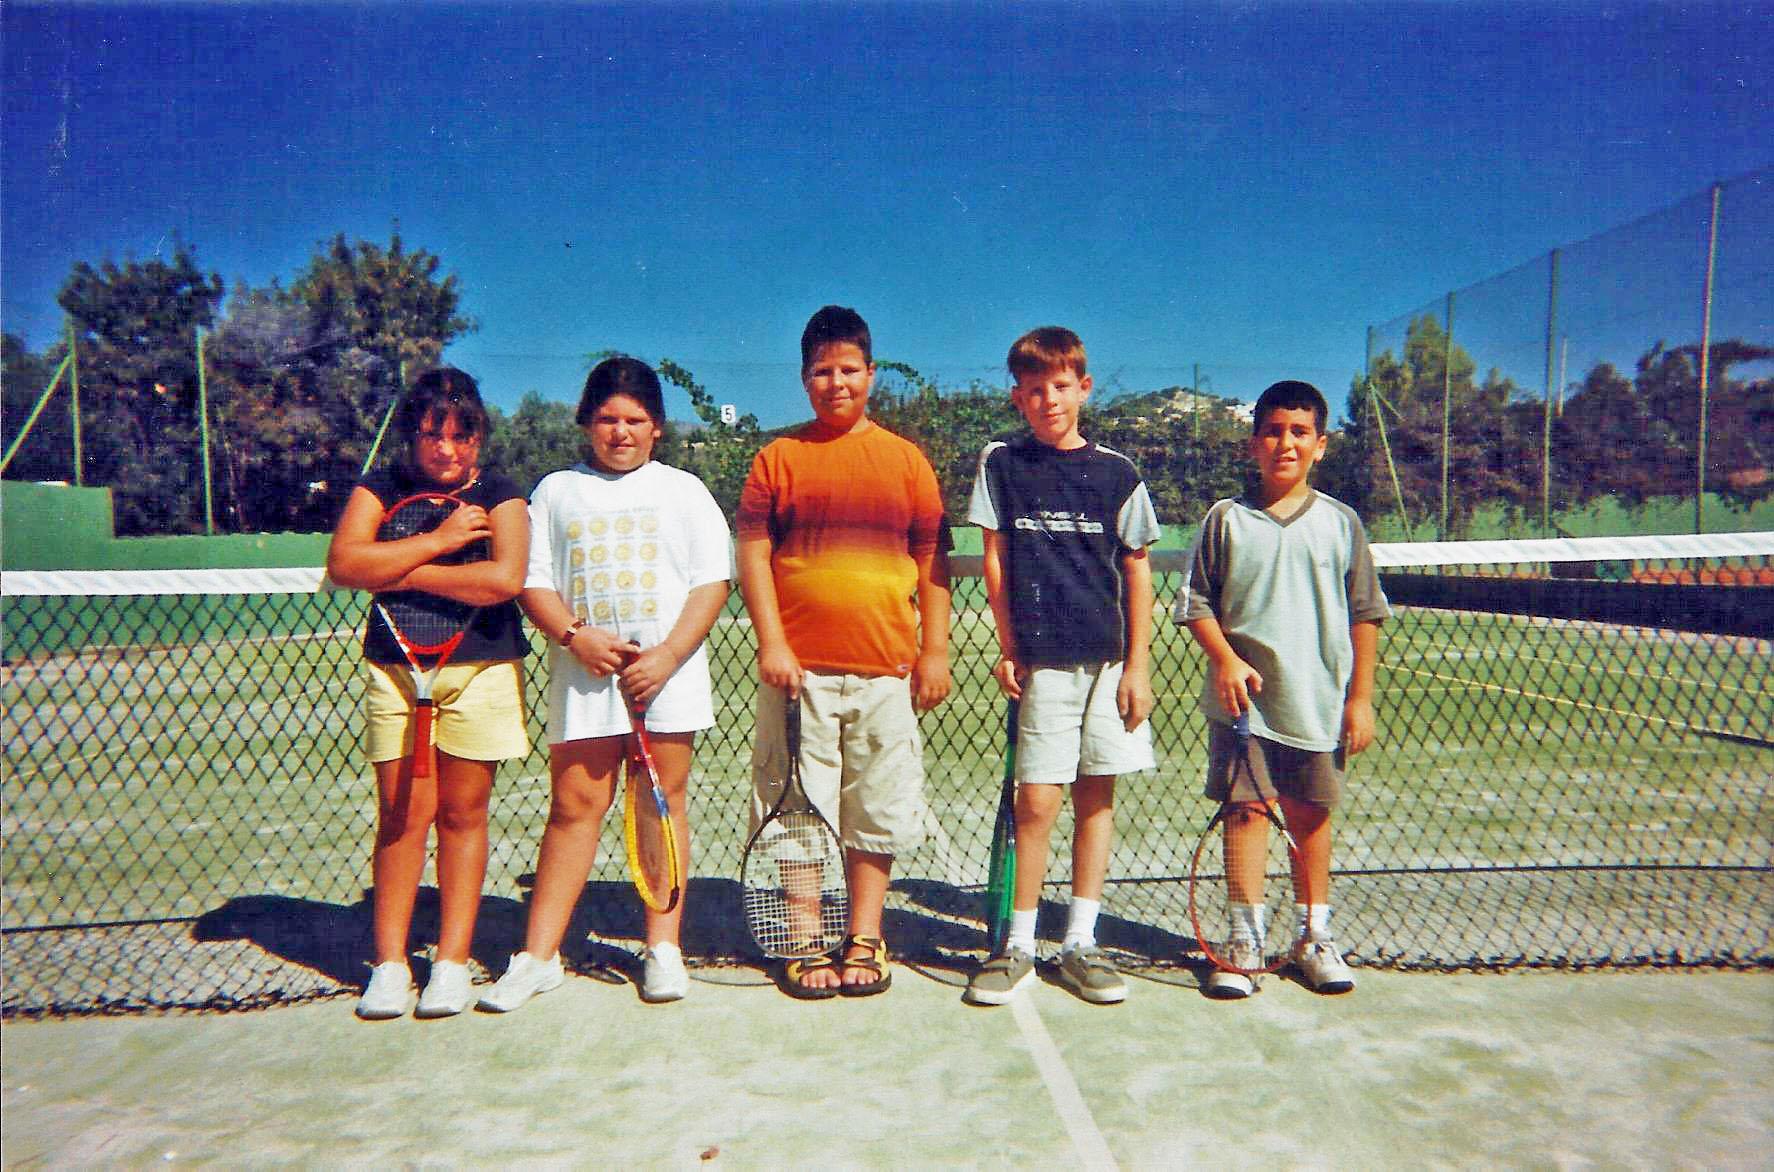 Equipo tenis junior